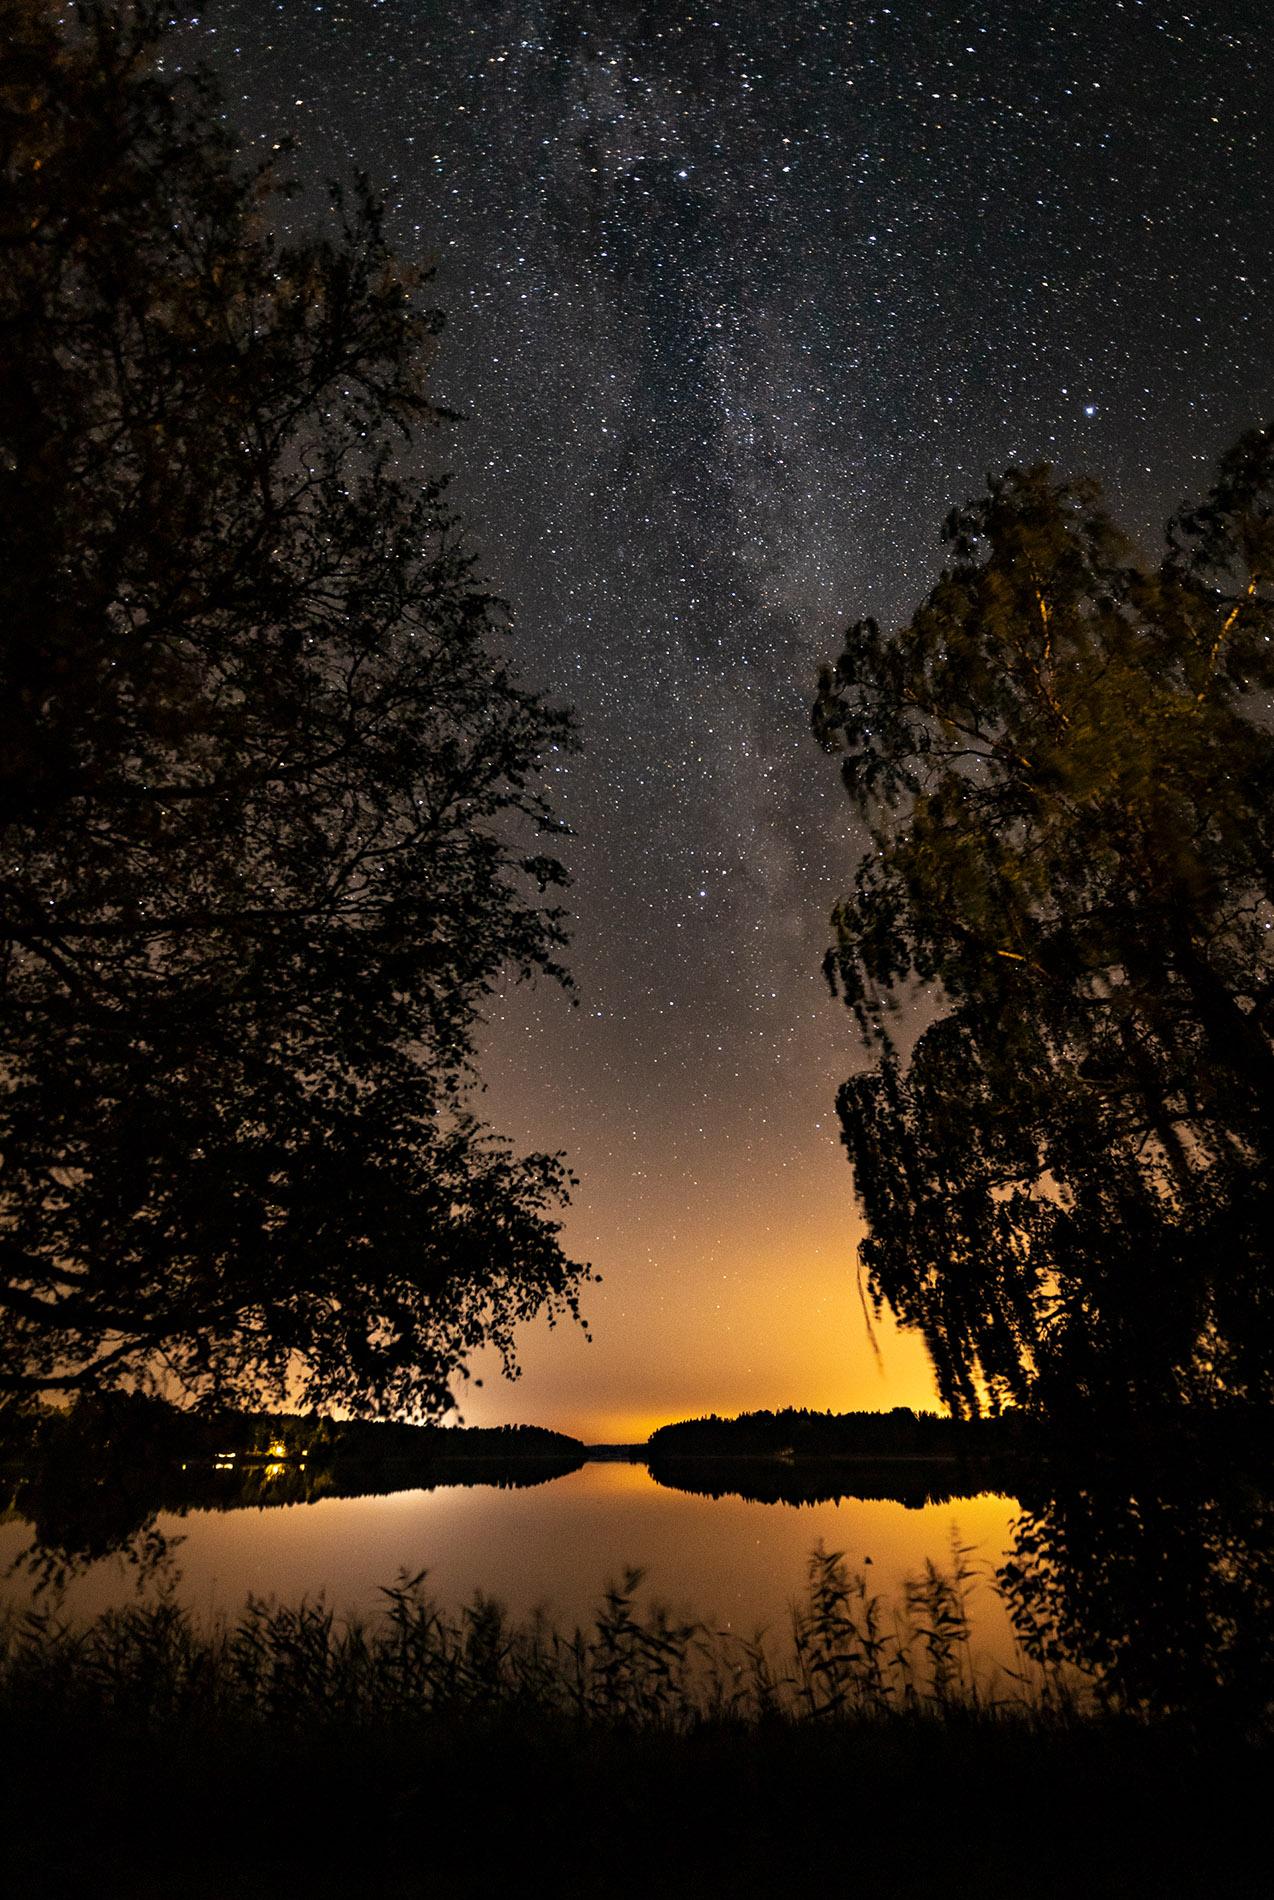 Ännu en härlig natt på landet. Väntar på norrsken som inte kommer så jag för nöja mig med stjärnorna. Barnen blev oxå förundrade över alla stjärnorna. Härligt. Foto Mikael Wallerstedt